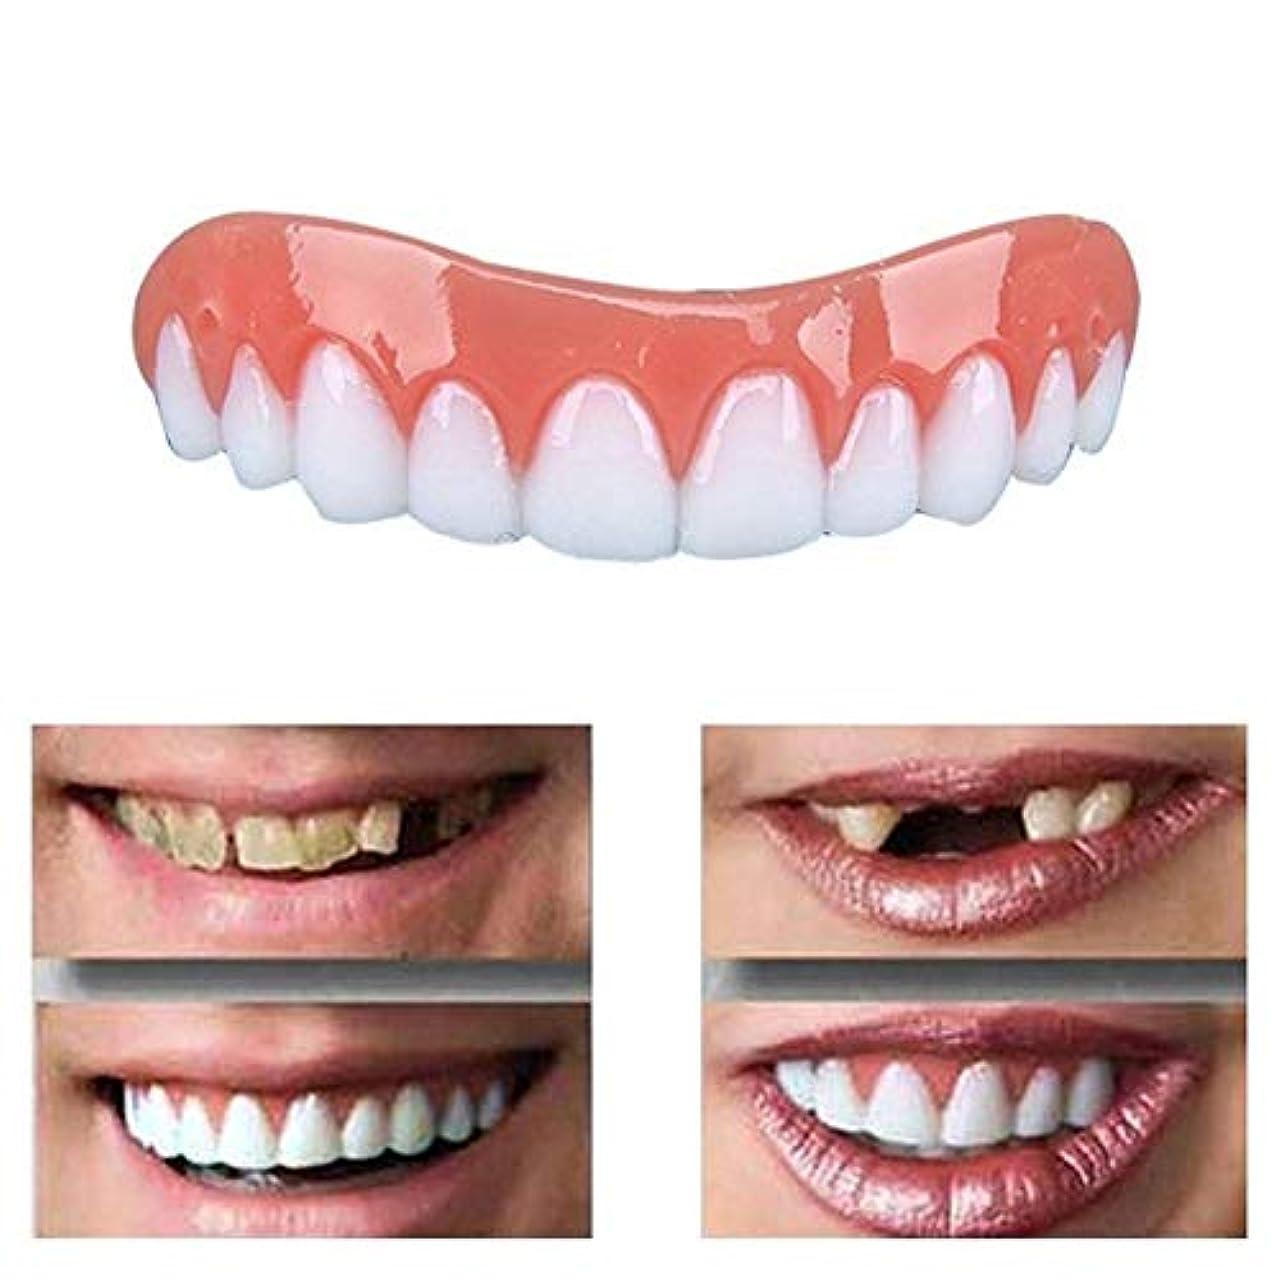 はぁウルル封筒20ピースパーフェクトスマイルベニア偽の歯アッパー偽の歯カバースナップオン即時の歯化粧品義歯のケアオーラルケアシリコーンホワイトニング義歯